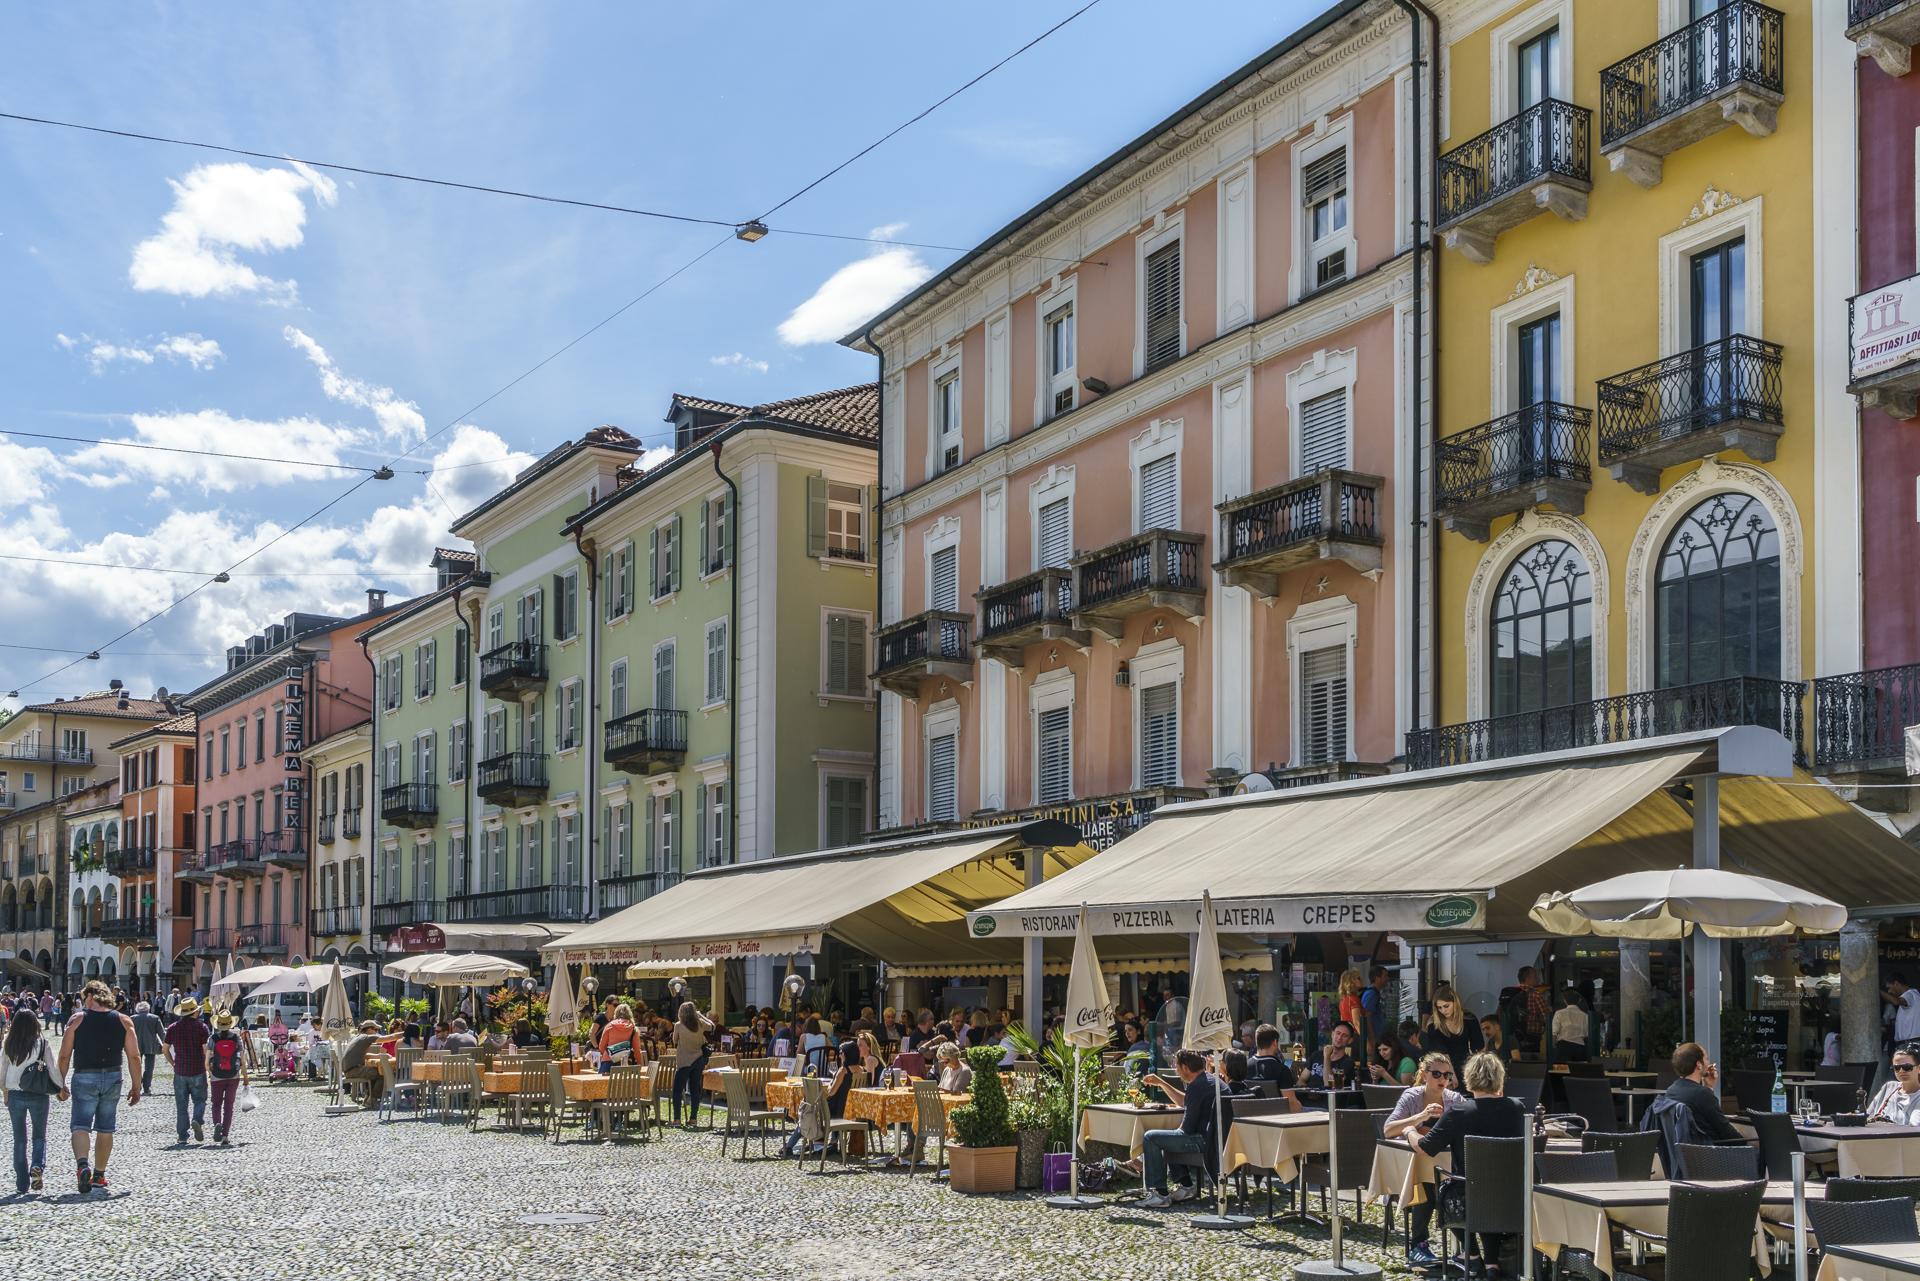 Locarno-Piazza-Grande